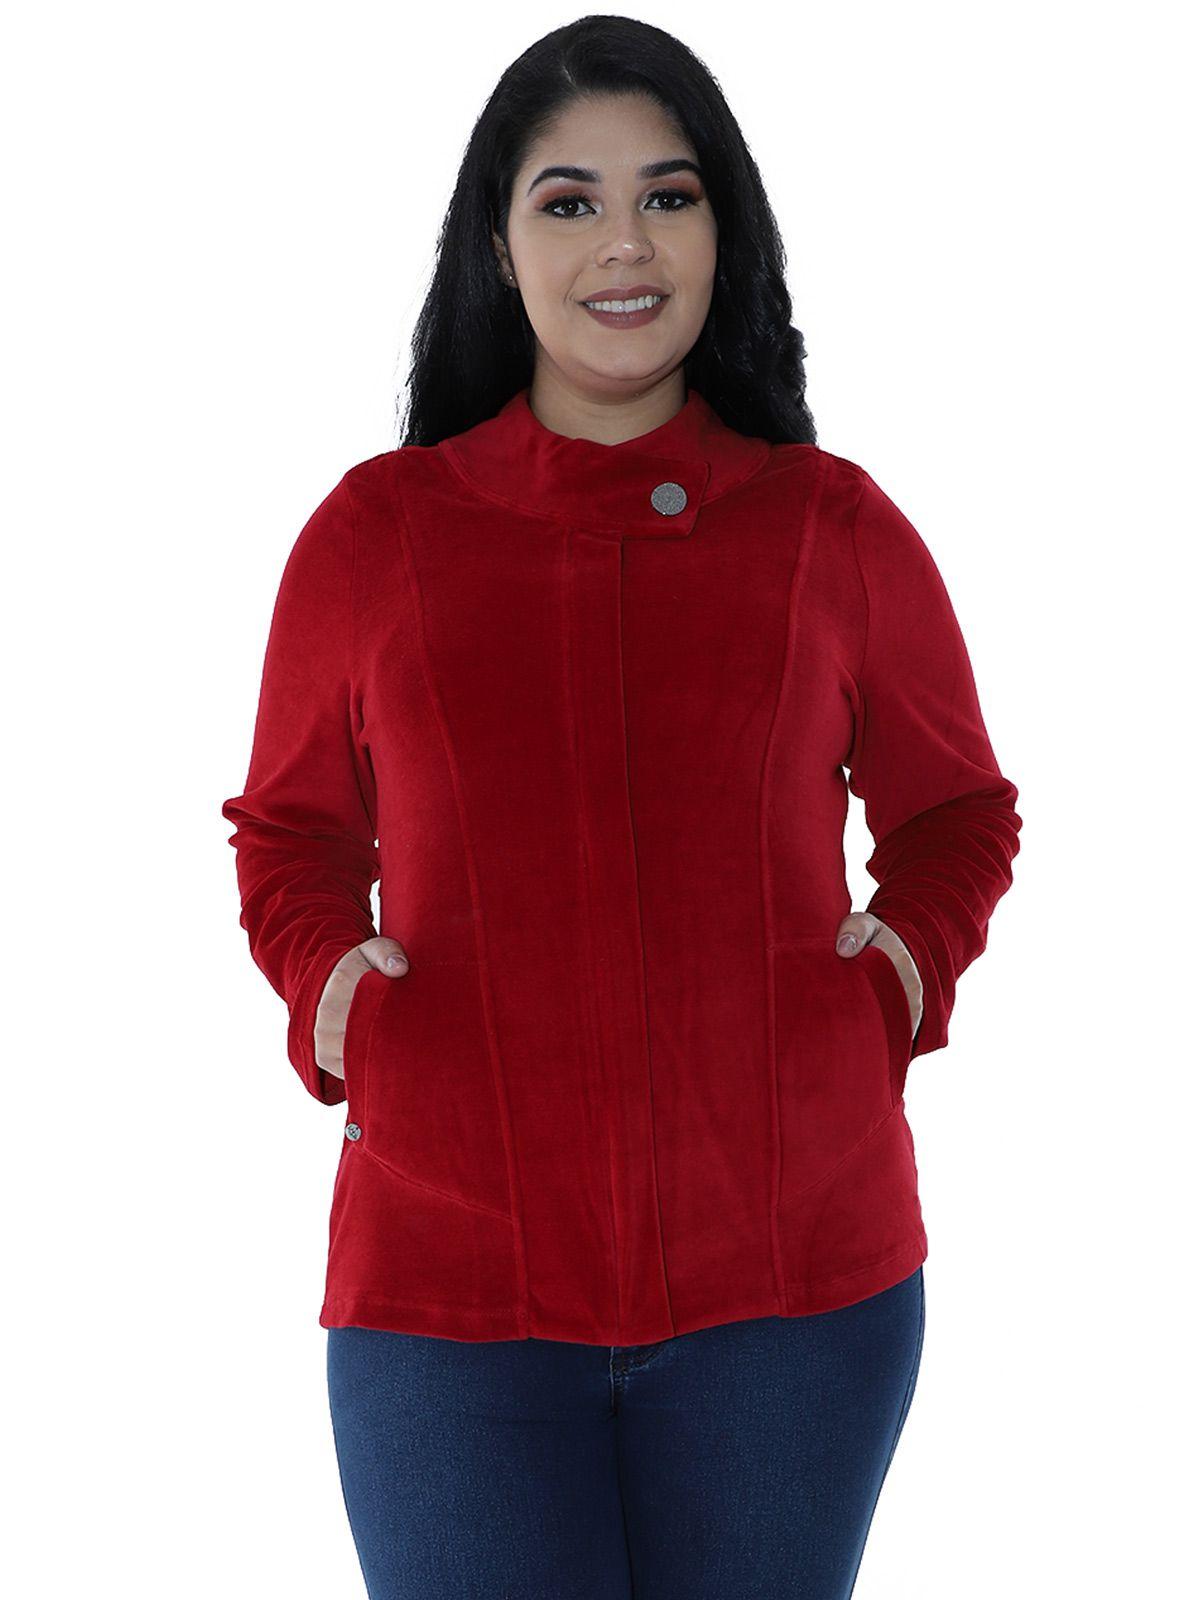 Casaco Plus Size de Plush Gola Diferenciada Vermelho